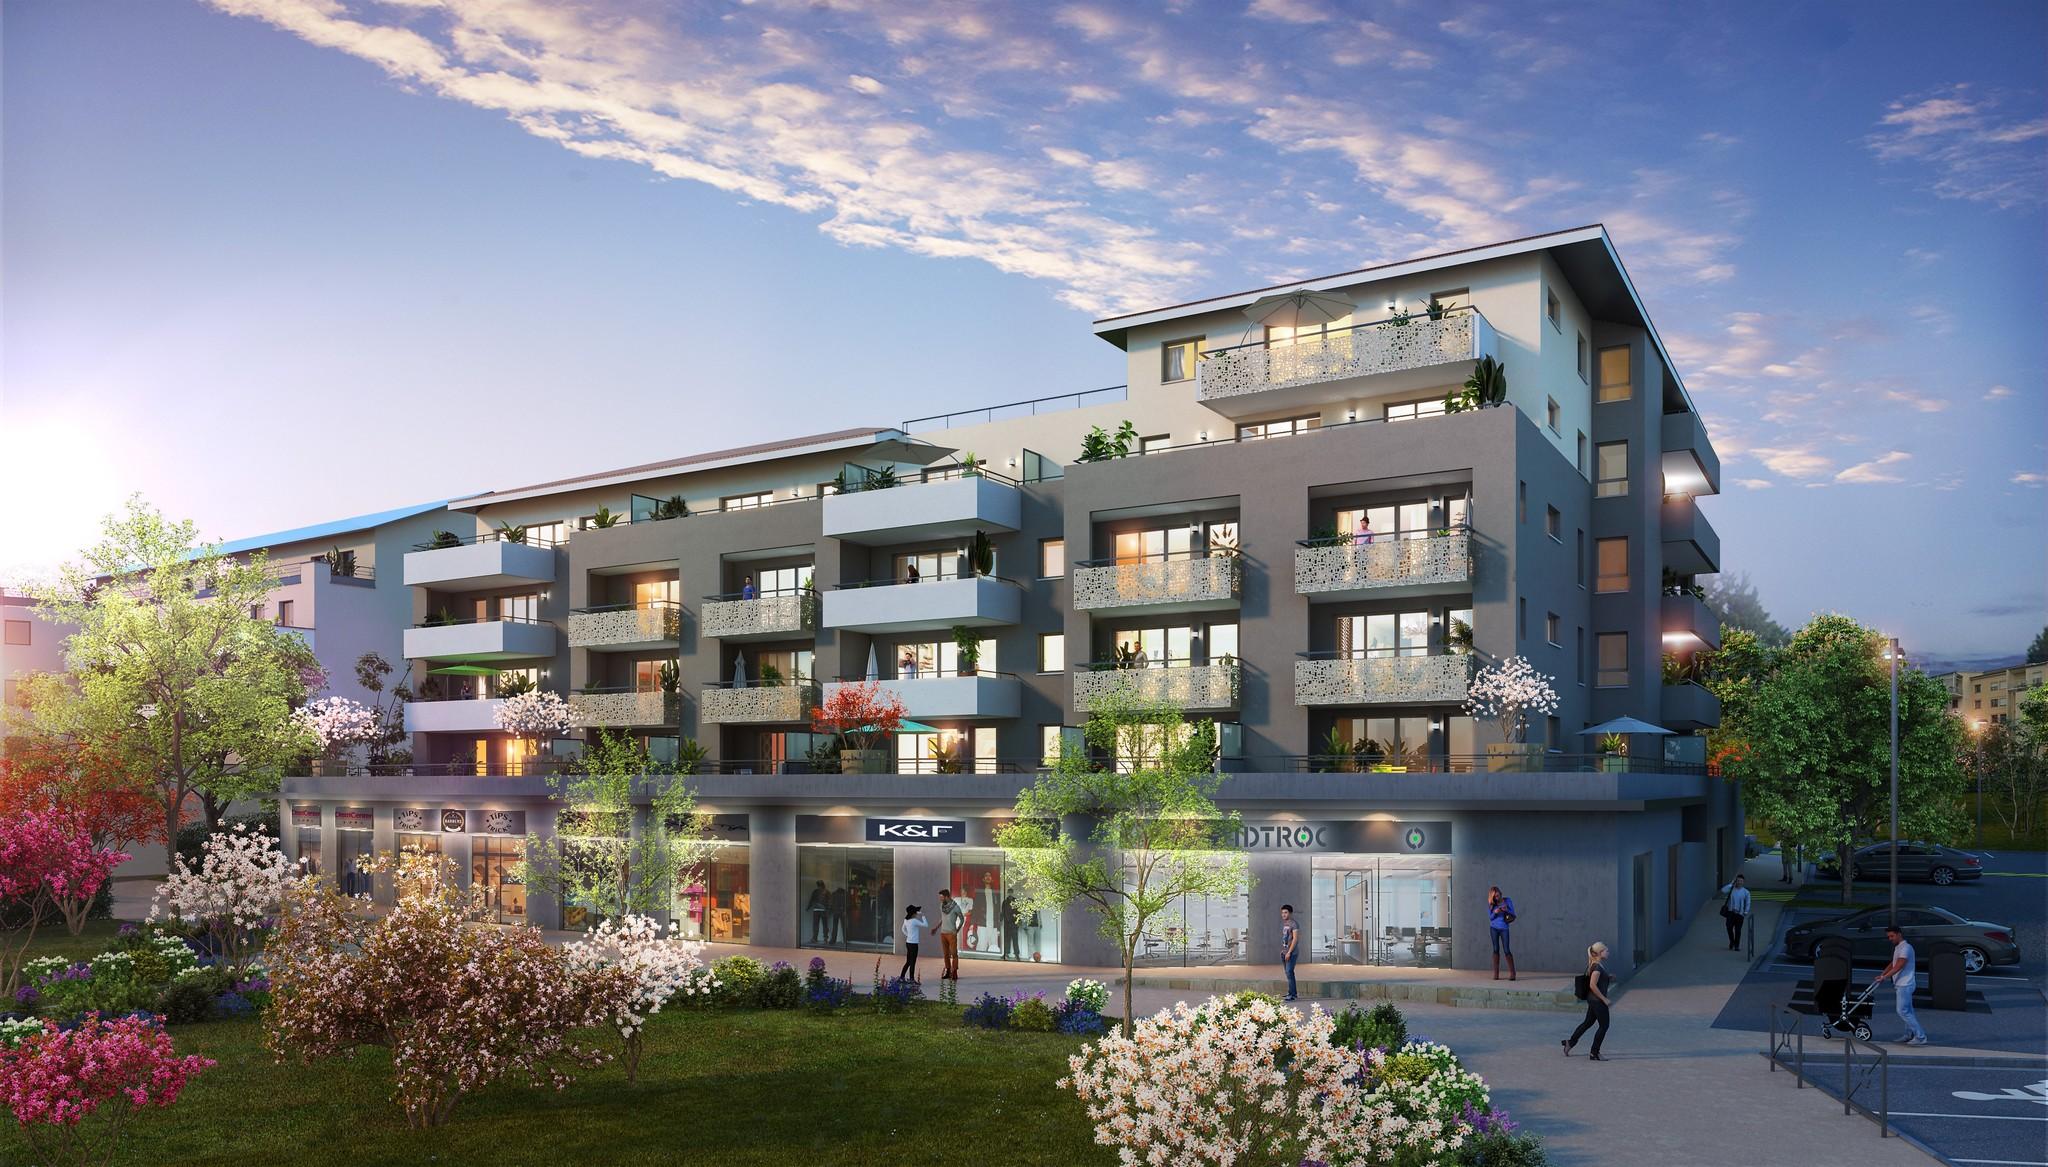 Programme immobilier VAL129 appartement à Moirans (38430) Superbe vue sur le parc aménagé